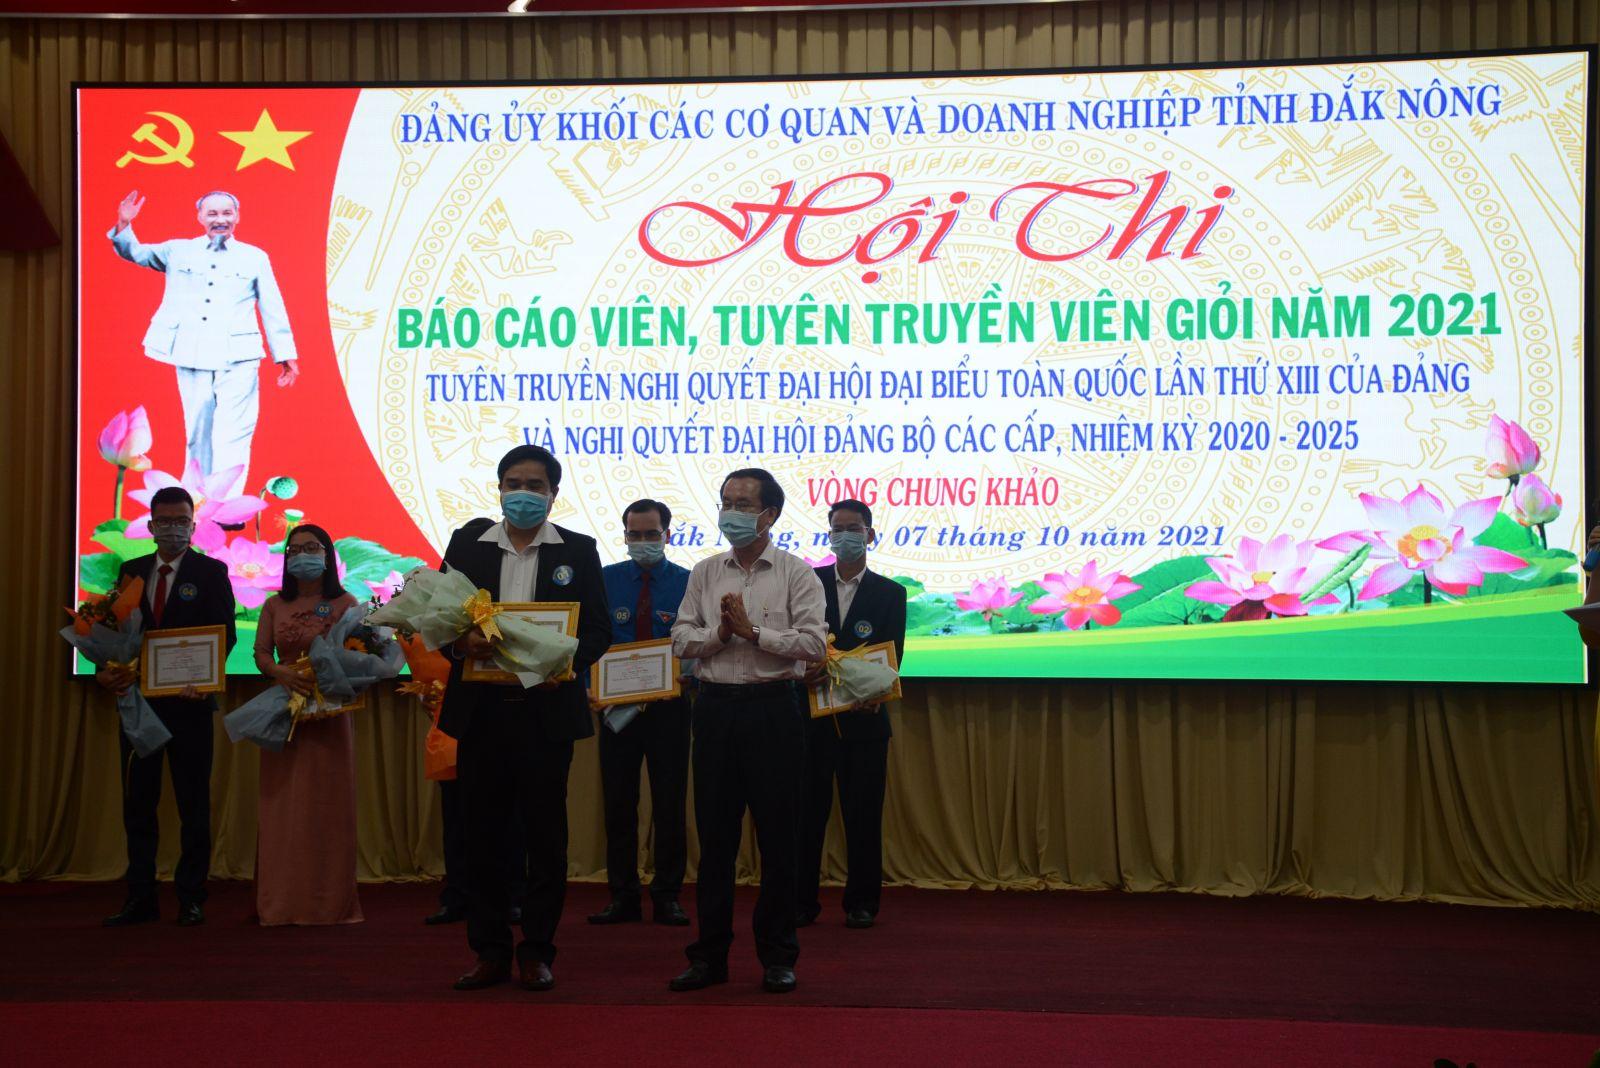 Đảng ủy Khối các cơ quan và doanh nghiệp tỉnh tổ chức Hội thi Báo cáo viên, tuyên truyền viên giỏi năm 2021